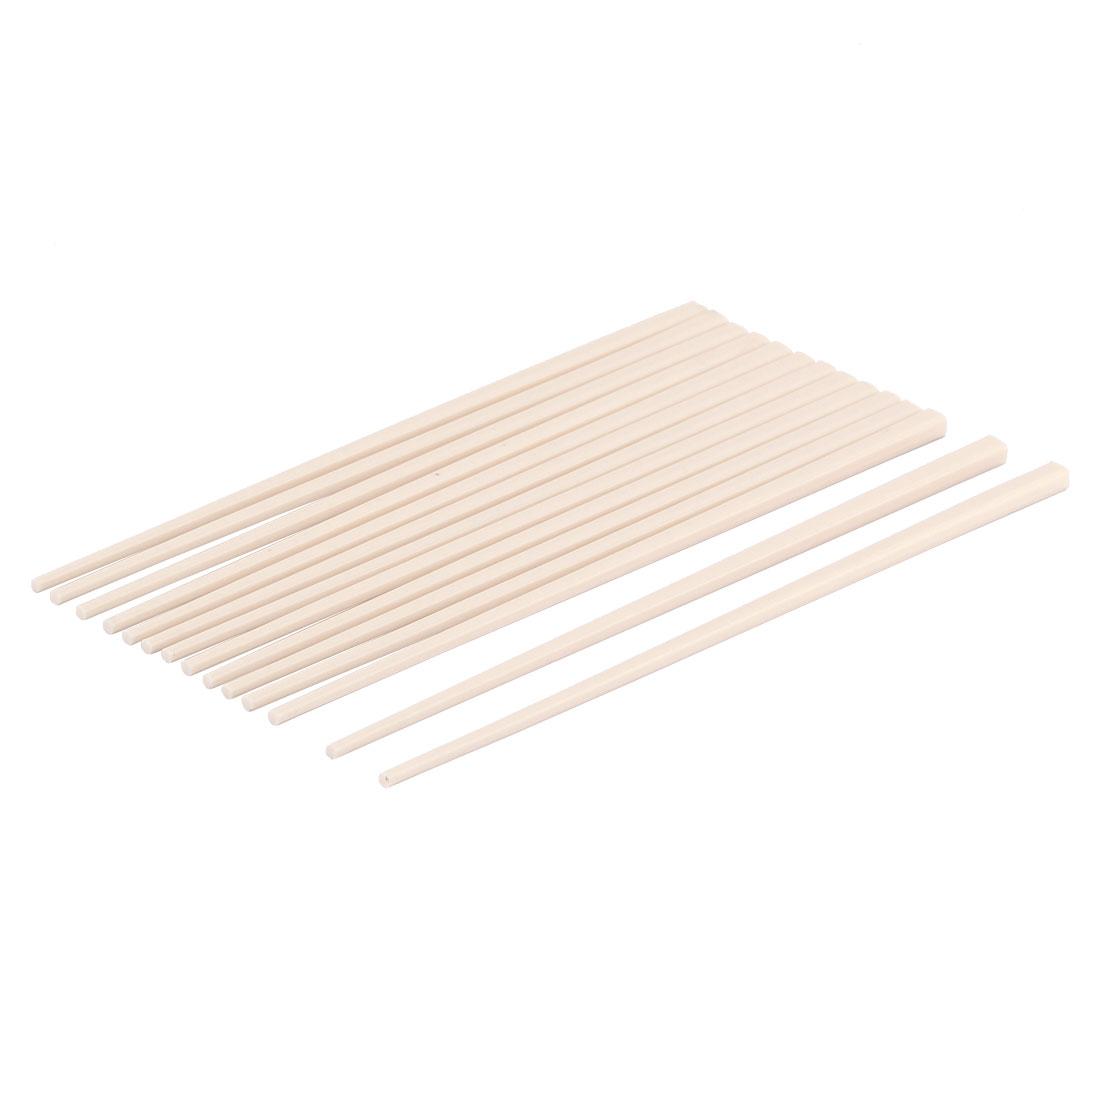 Plastic Home Restaurant Kitchenware Tableware Chopsticks Beige 7 Pairs